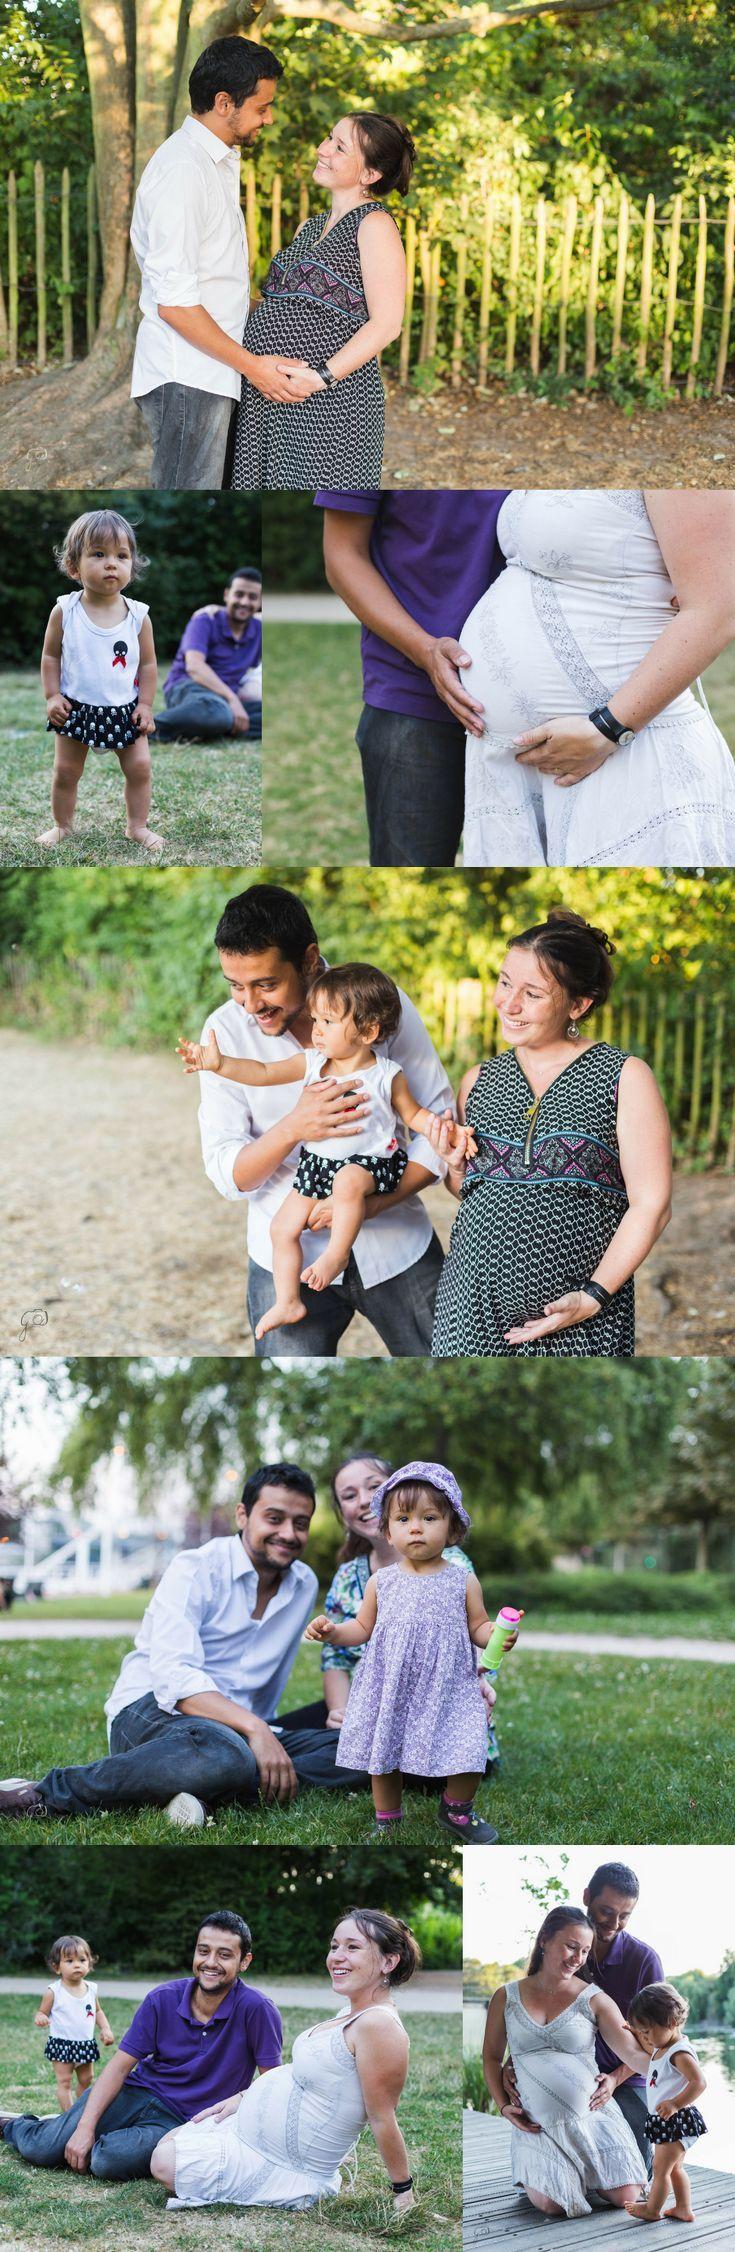 Seance Schwangerschafts- / Mutterschaftsfotograf Paris Schwangere Fotografie   -…